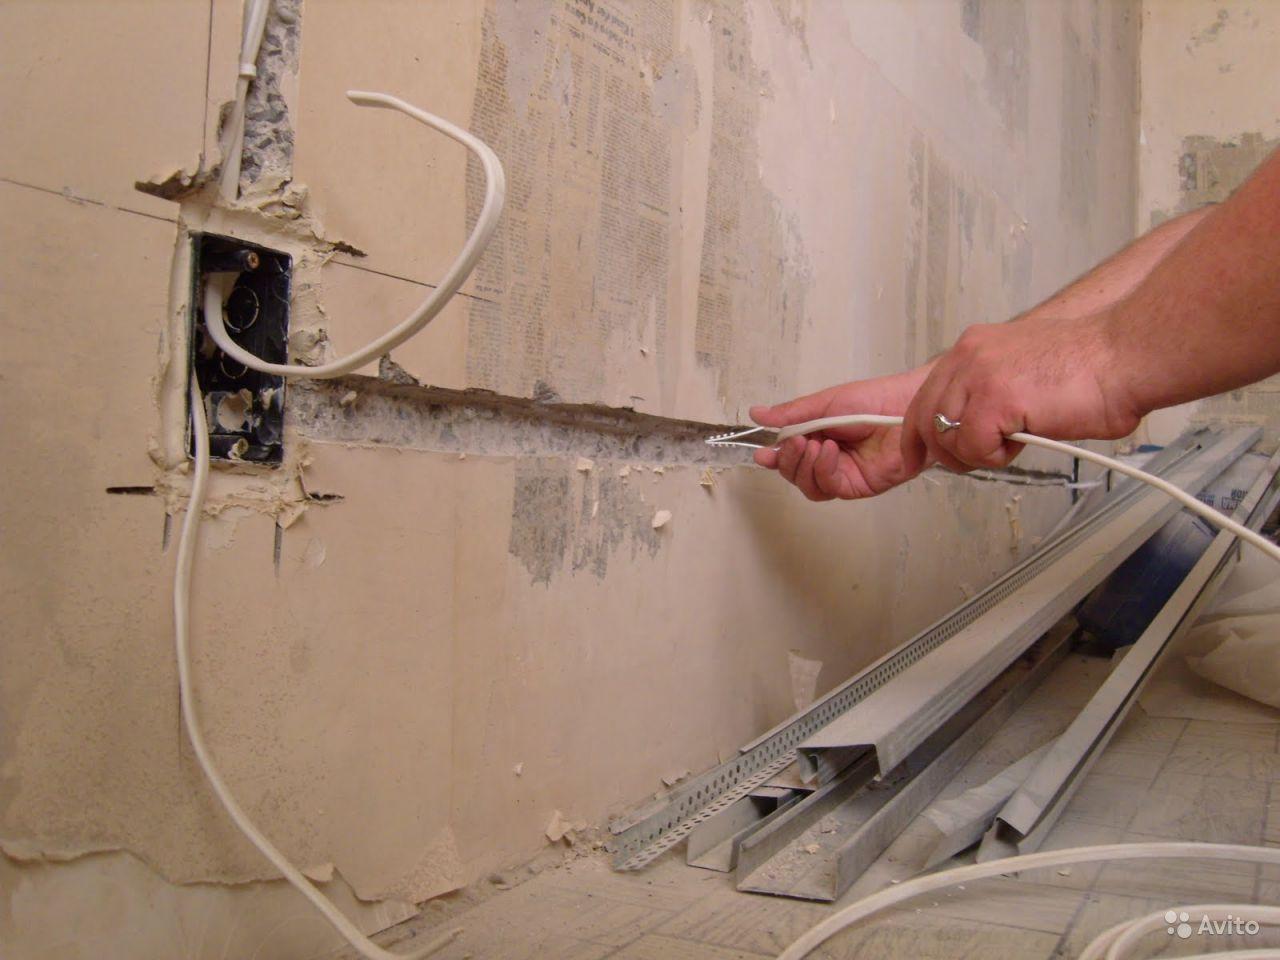 Чтобы кабель не вылазил из канавок крепи его специальными креплениями